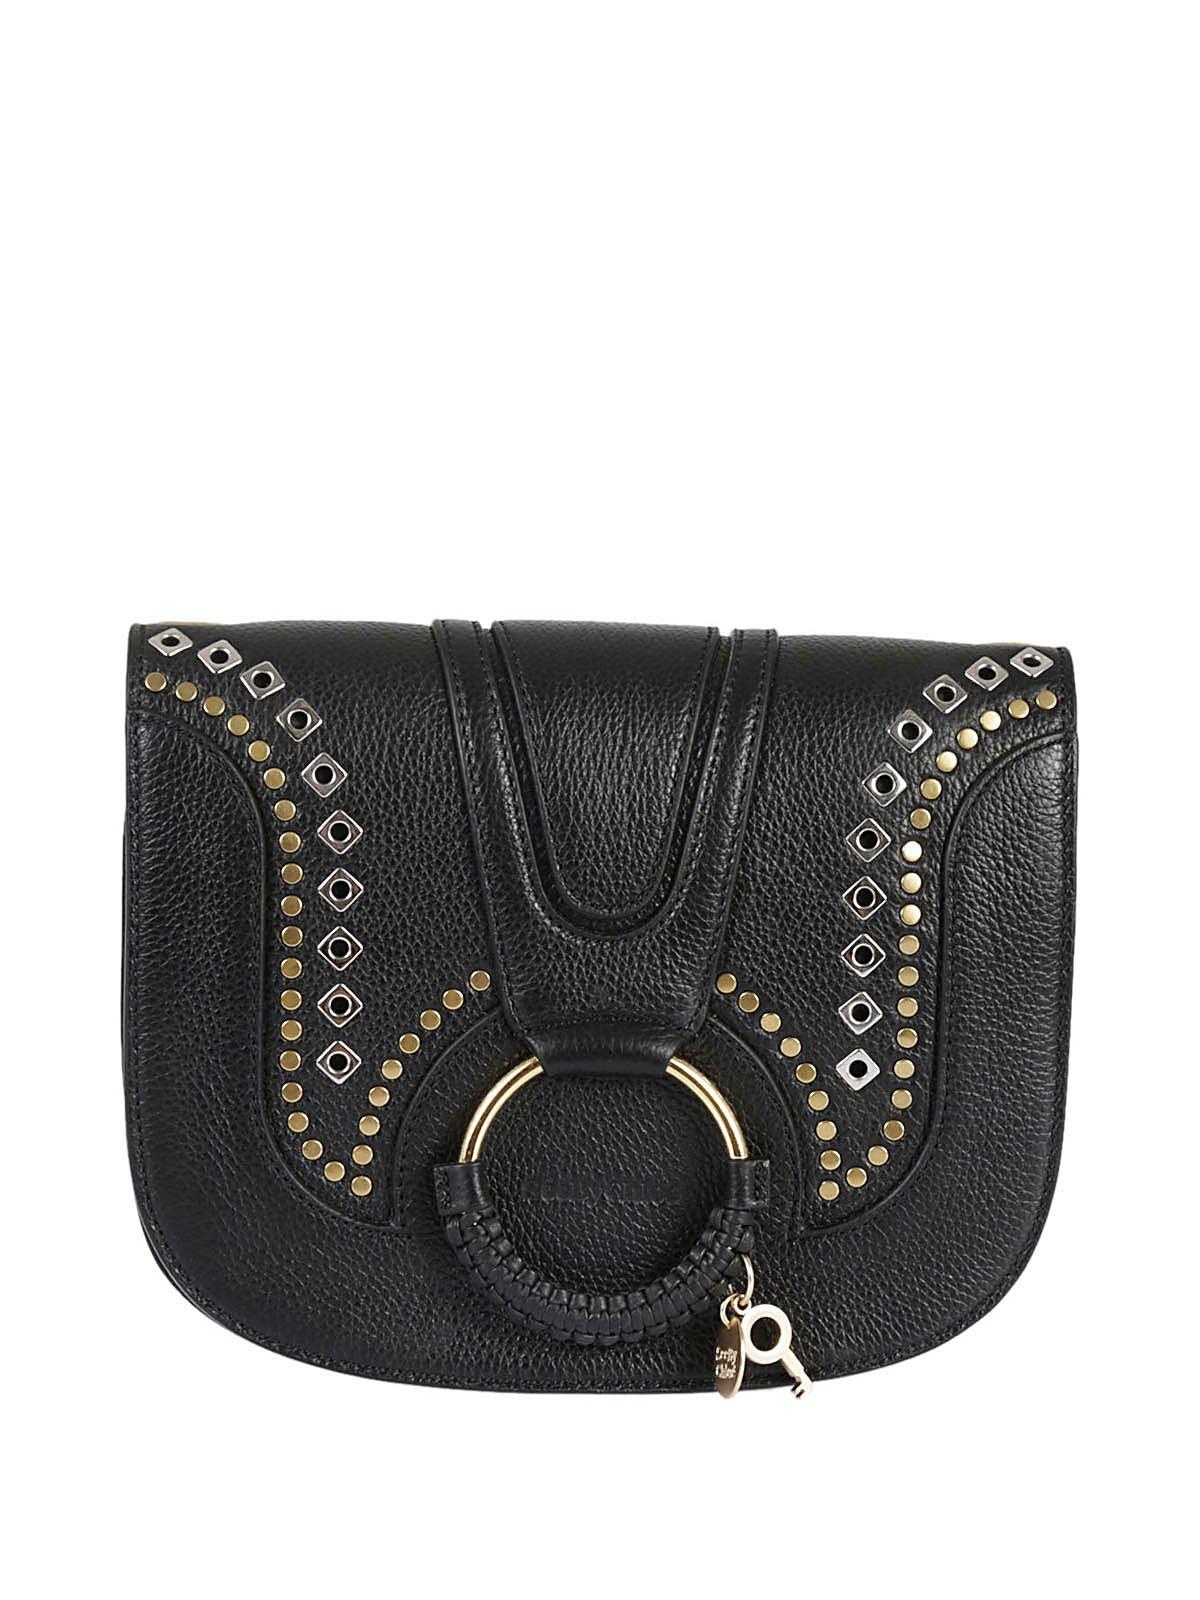 See By Chlo? Studded Hana Shoulder Bag